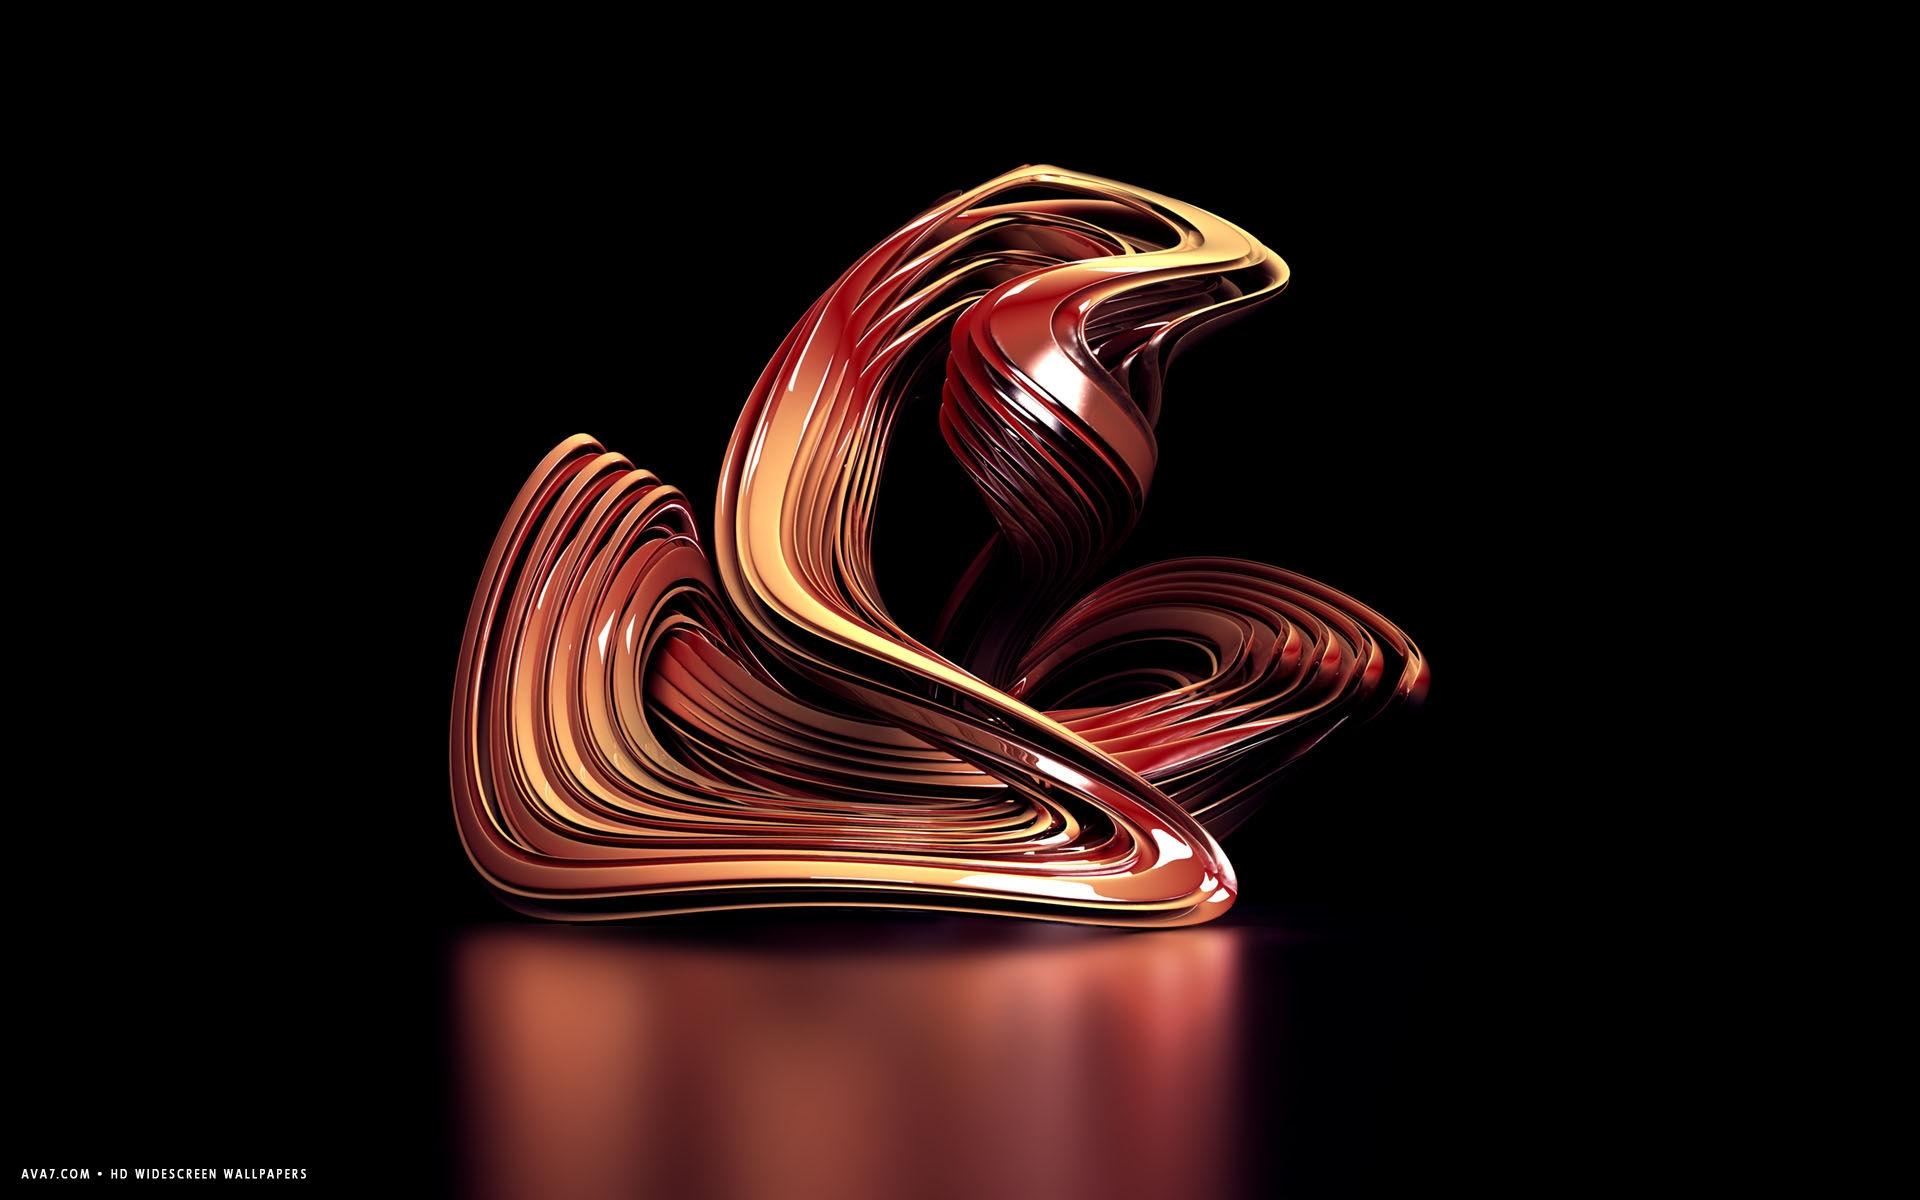 3d sculpture red abstract shape hd widescreen wallpaper / 3d backgrounds